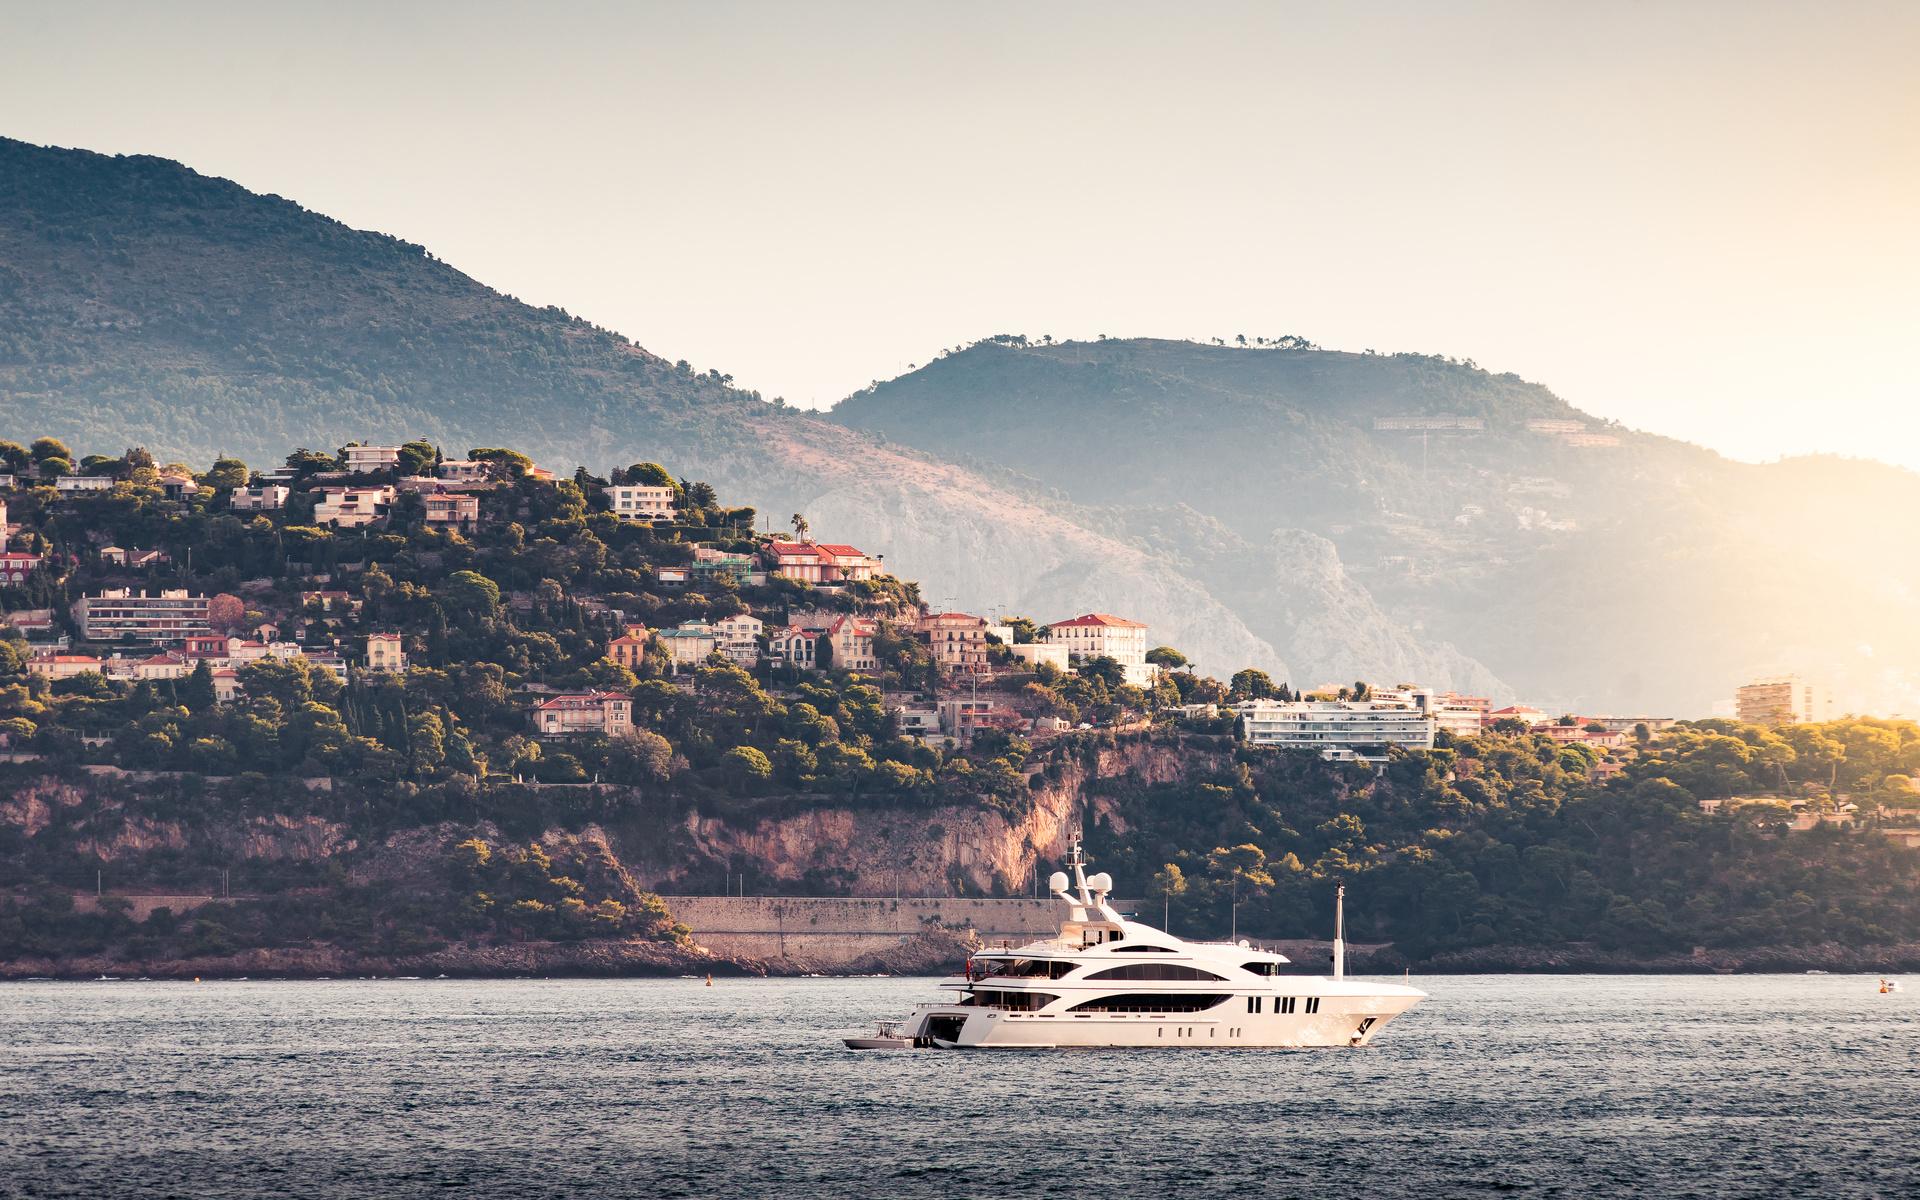 побережье, монте-карло, монако, море, Яхта, город